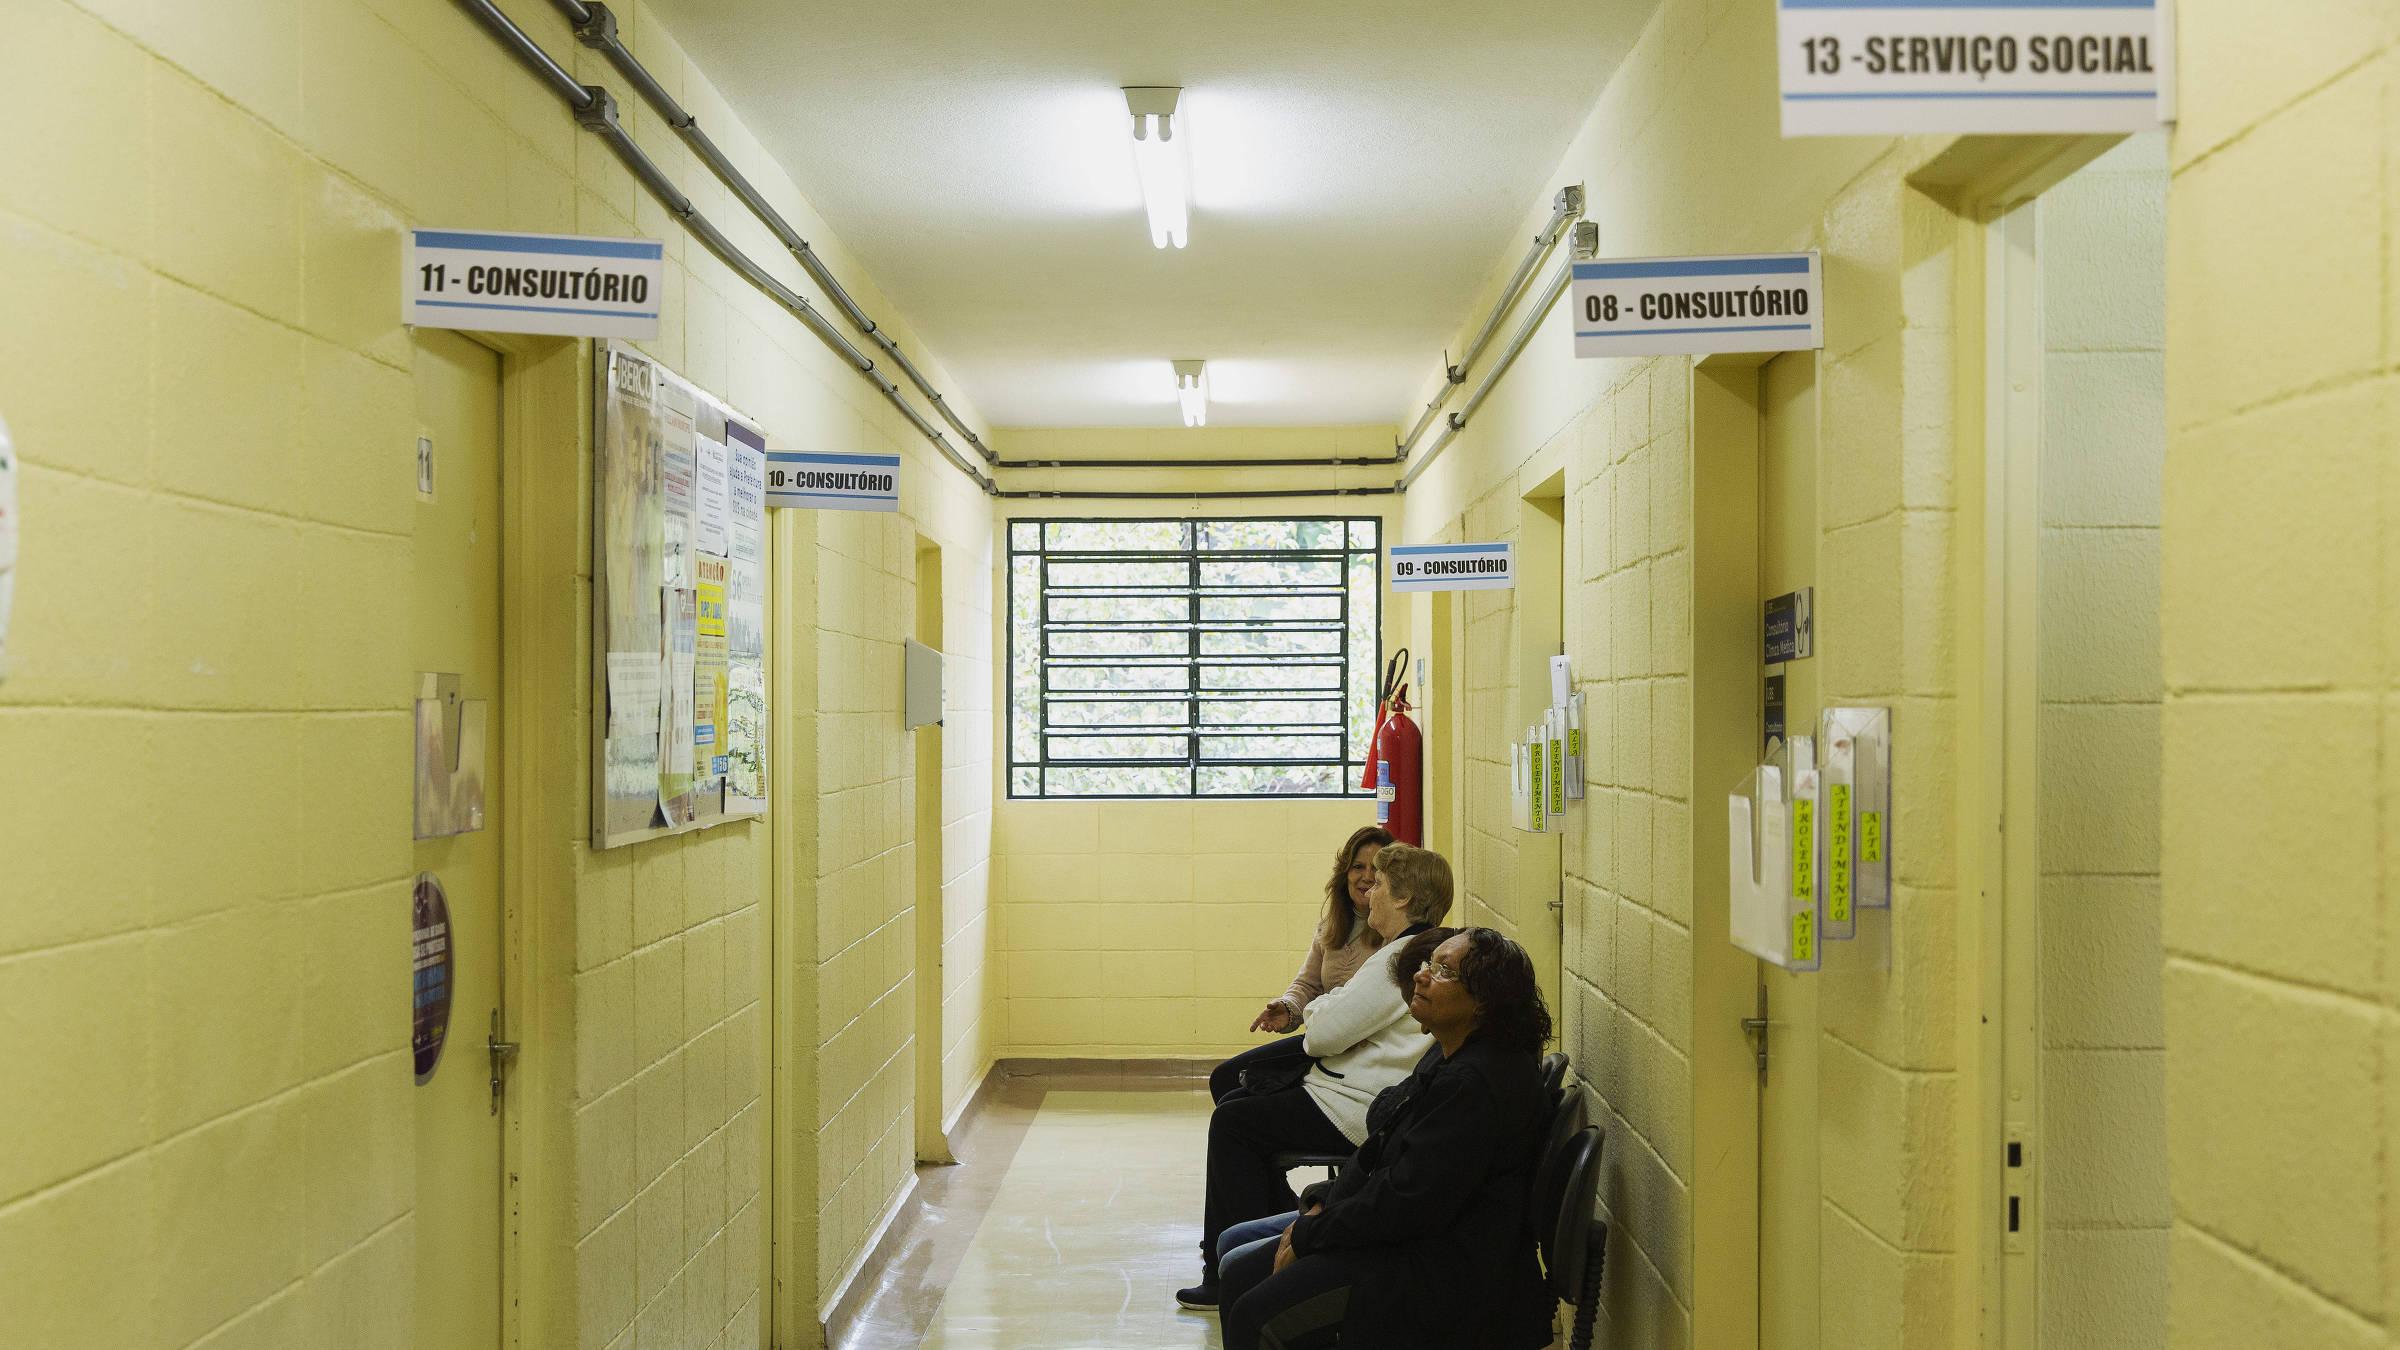 Pacientes aguardam para consulta médica na UBS São Vicente de Paula no Ipiranga em São Paulo. Foto: Lalo de Almeida/ Folhapress